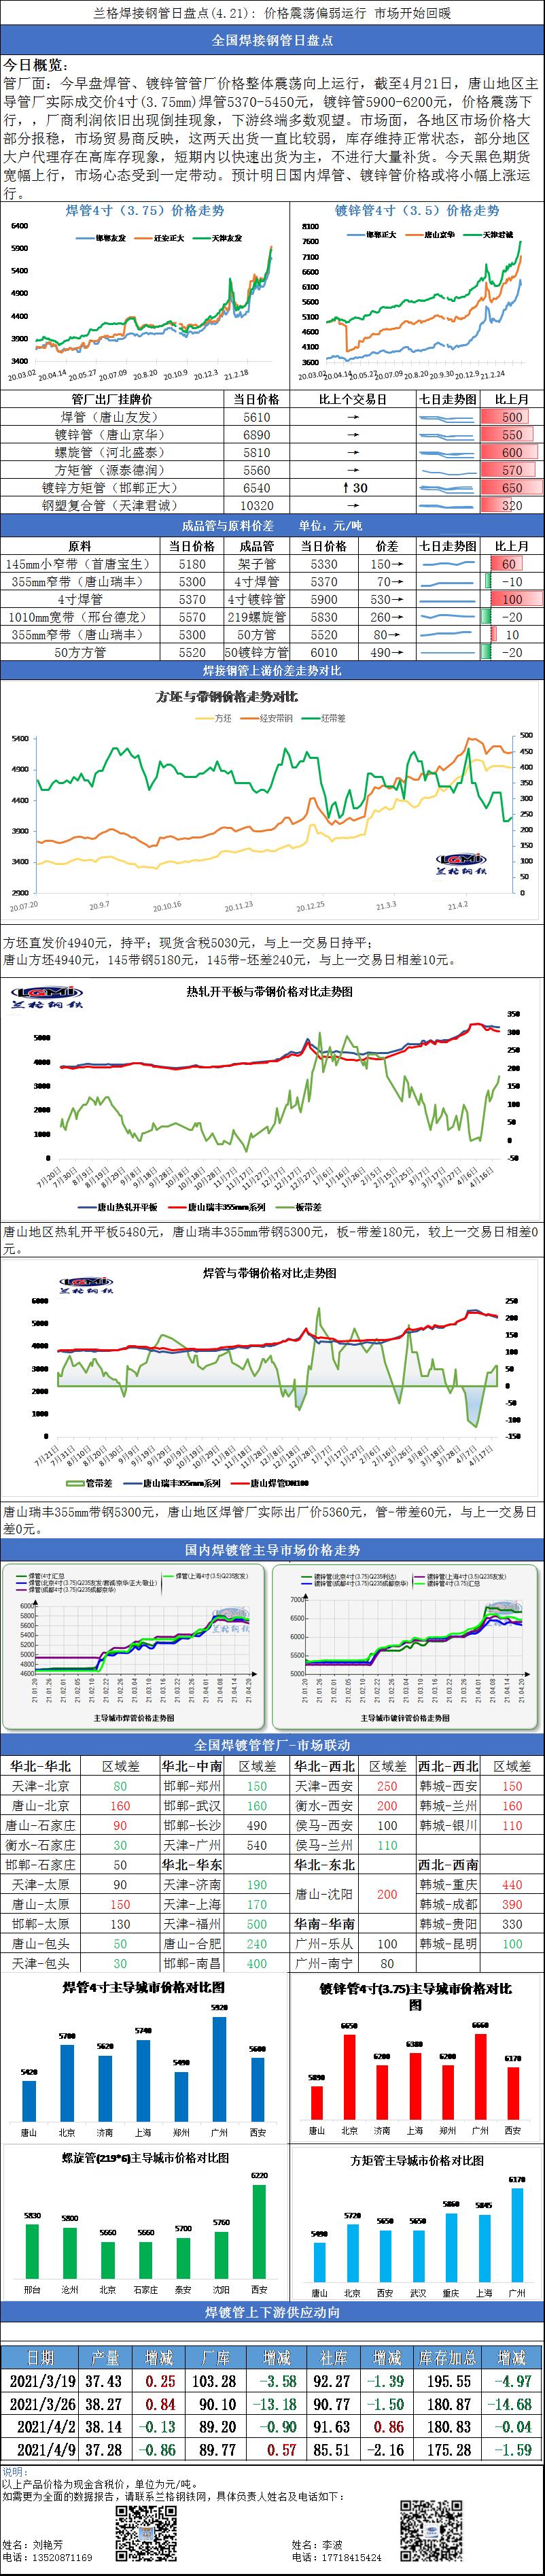 兰格焊接钢管日盘点(4.21): 价格震荡向上运行 市场开始回暖